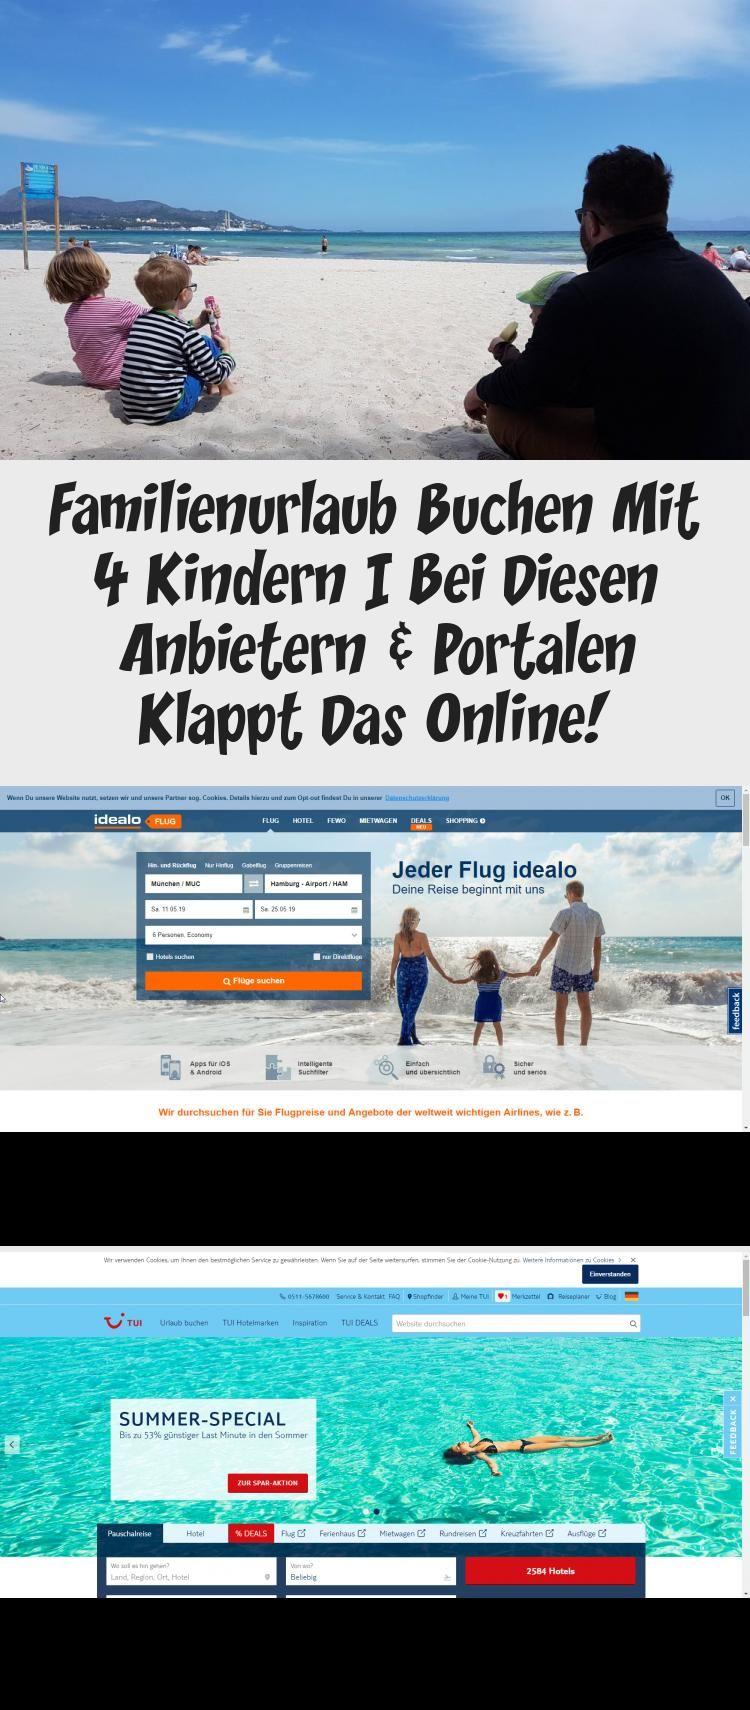 Familienurlaub Buchen Mit 4 Kindern In 2020 Screenshots Pandora Screenshot